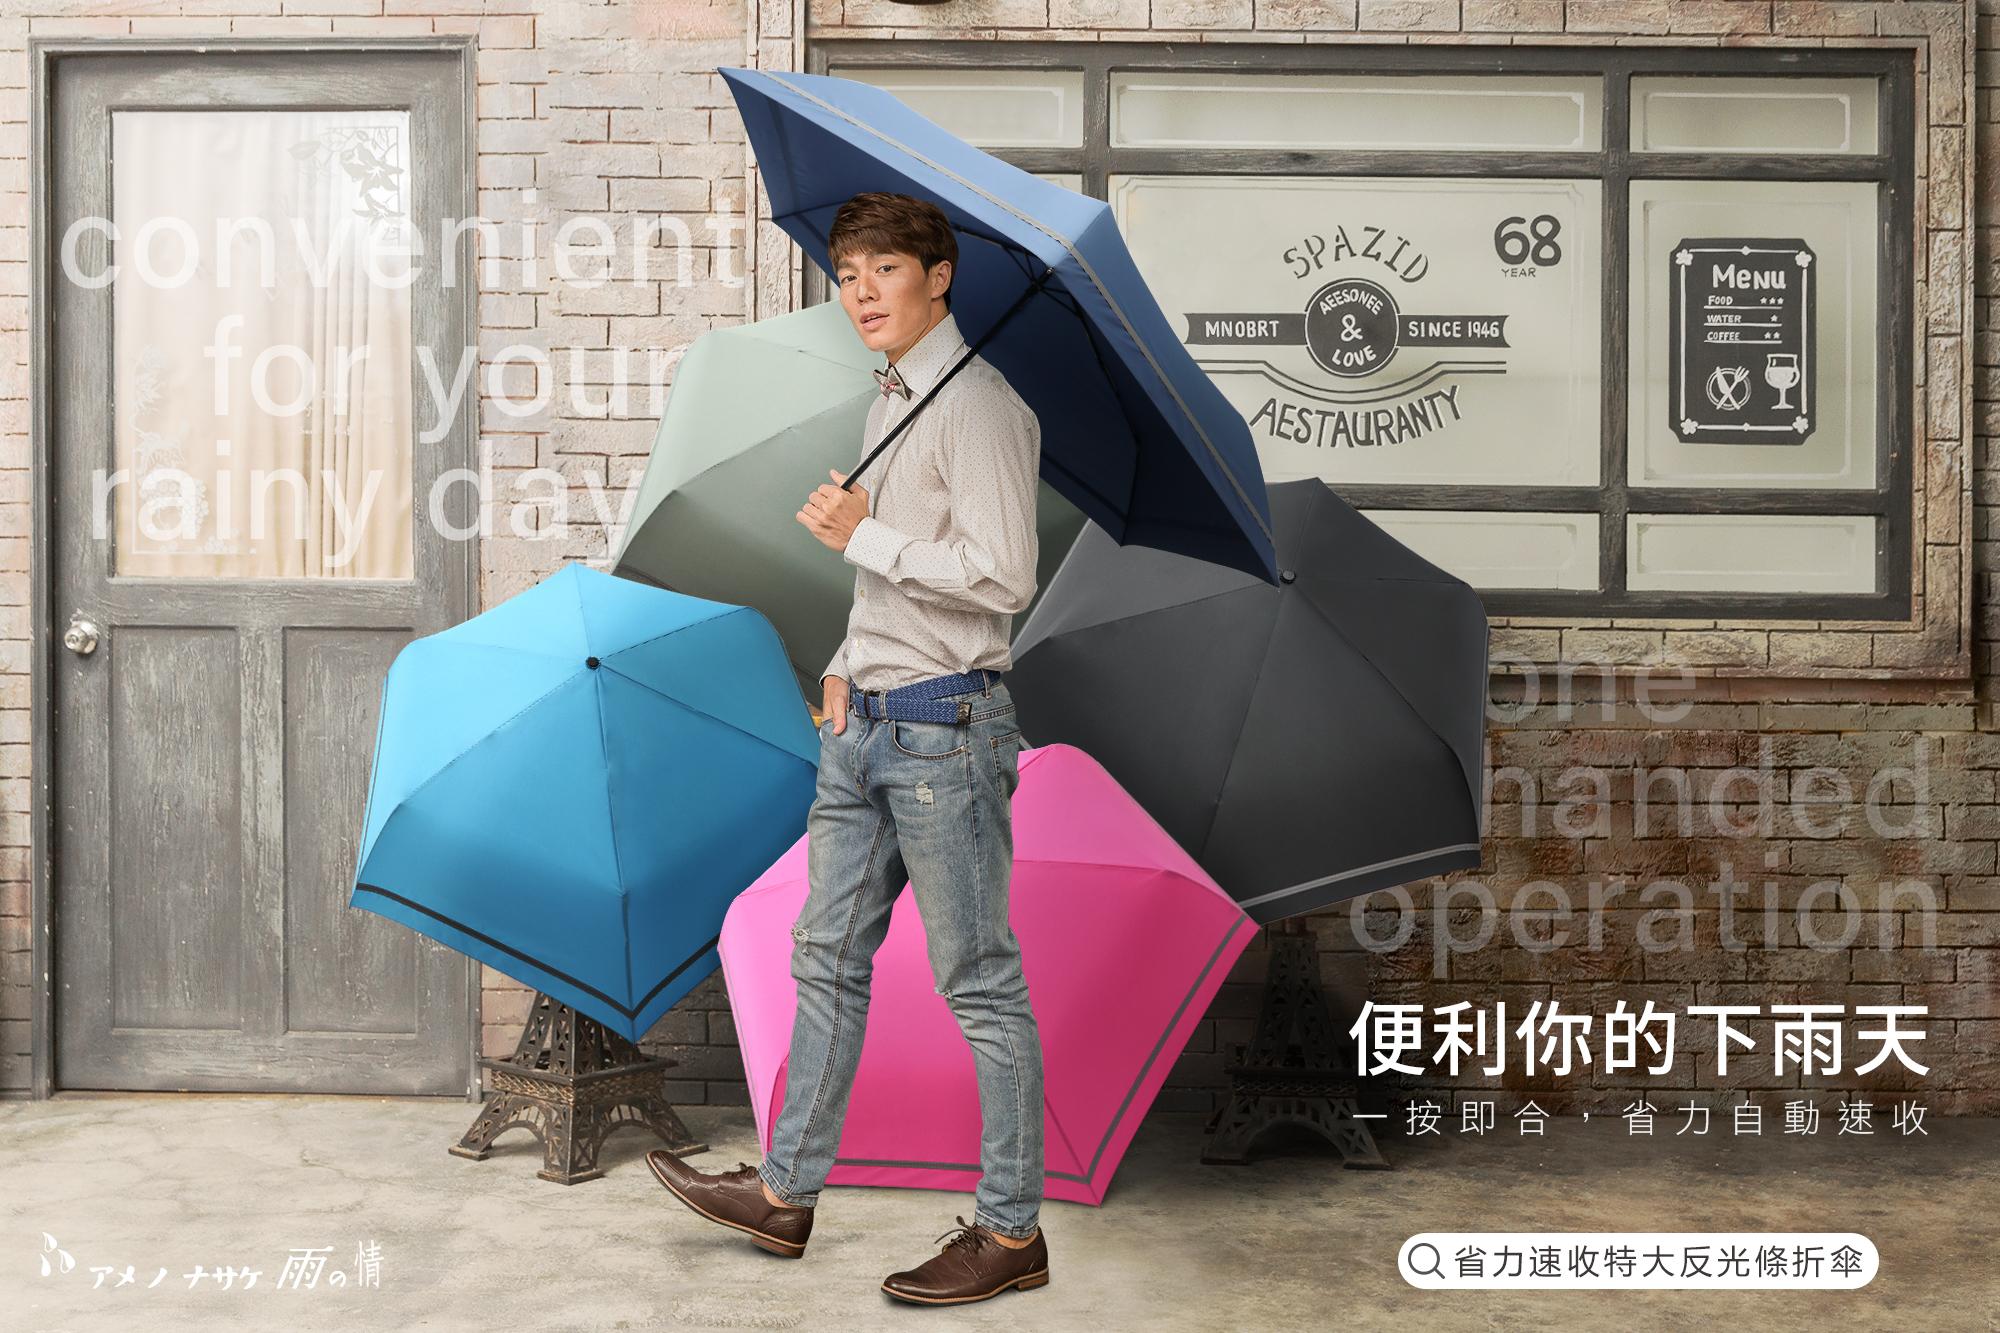 一按速收,單手操作,省力,反光條,安全反光,特大傘,輕量傘,超潑水,快乾傘,三折傘,雨傘,晴雨傘,正開傘,傘,品牌傘,雨之情,學生傘,輕傘,維修傘,雨傘推薦